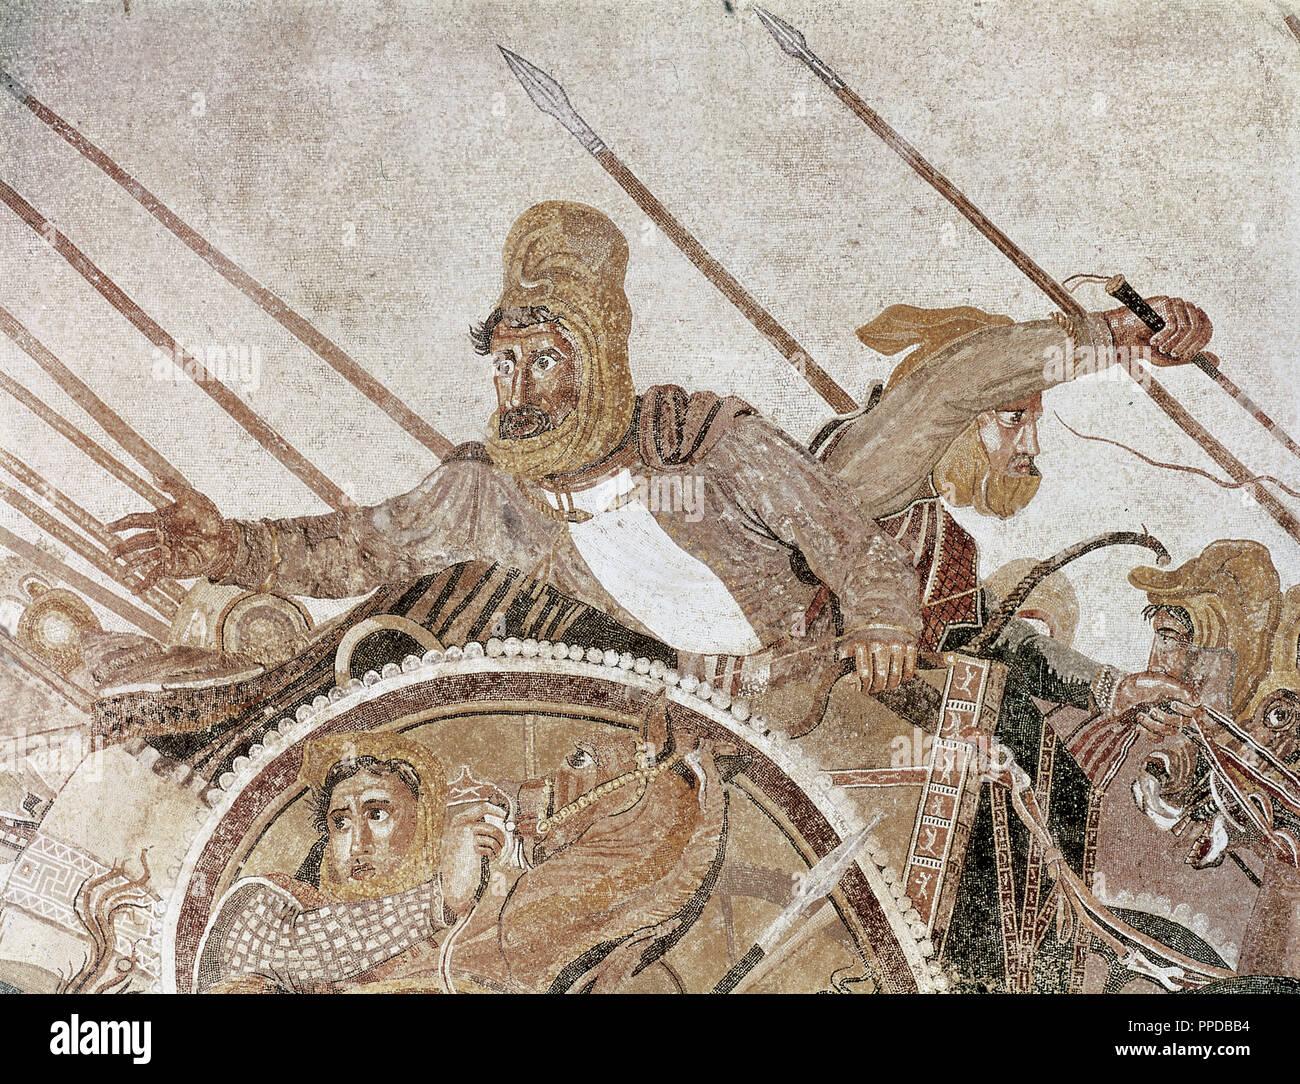 Dario Iii Ca 380ð330 Bc Anche Noto Con Il Suo Nome Di Codomannus